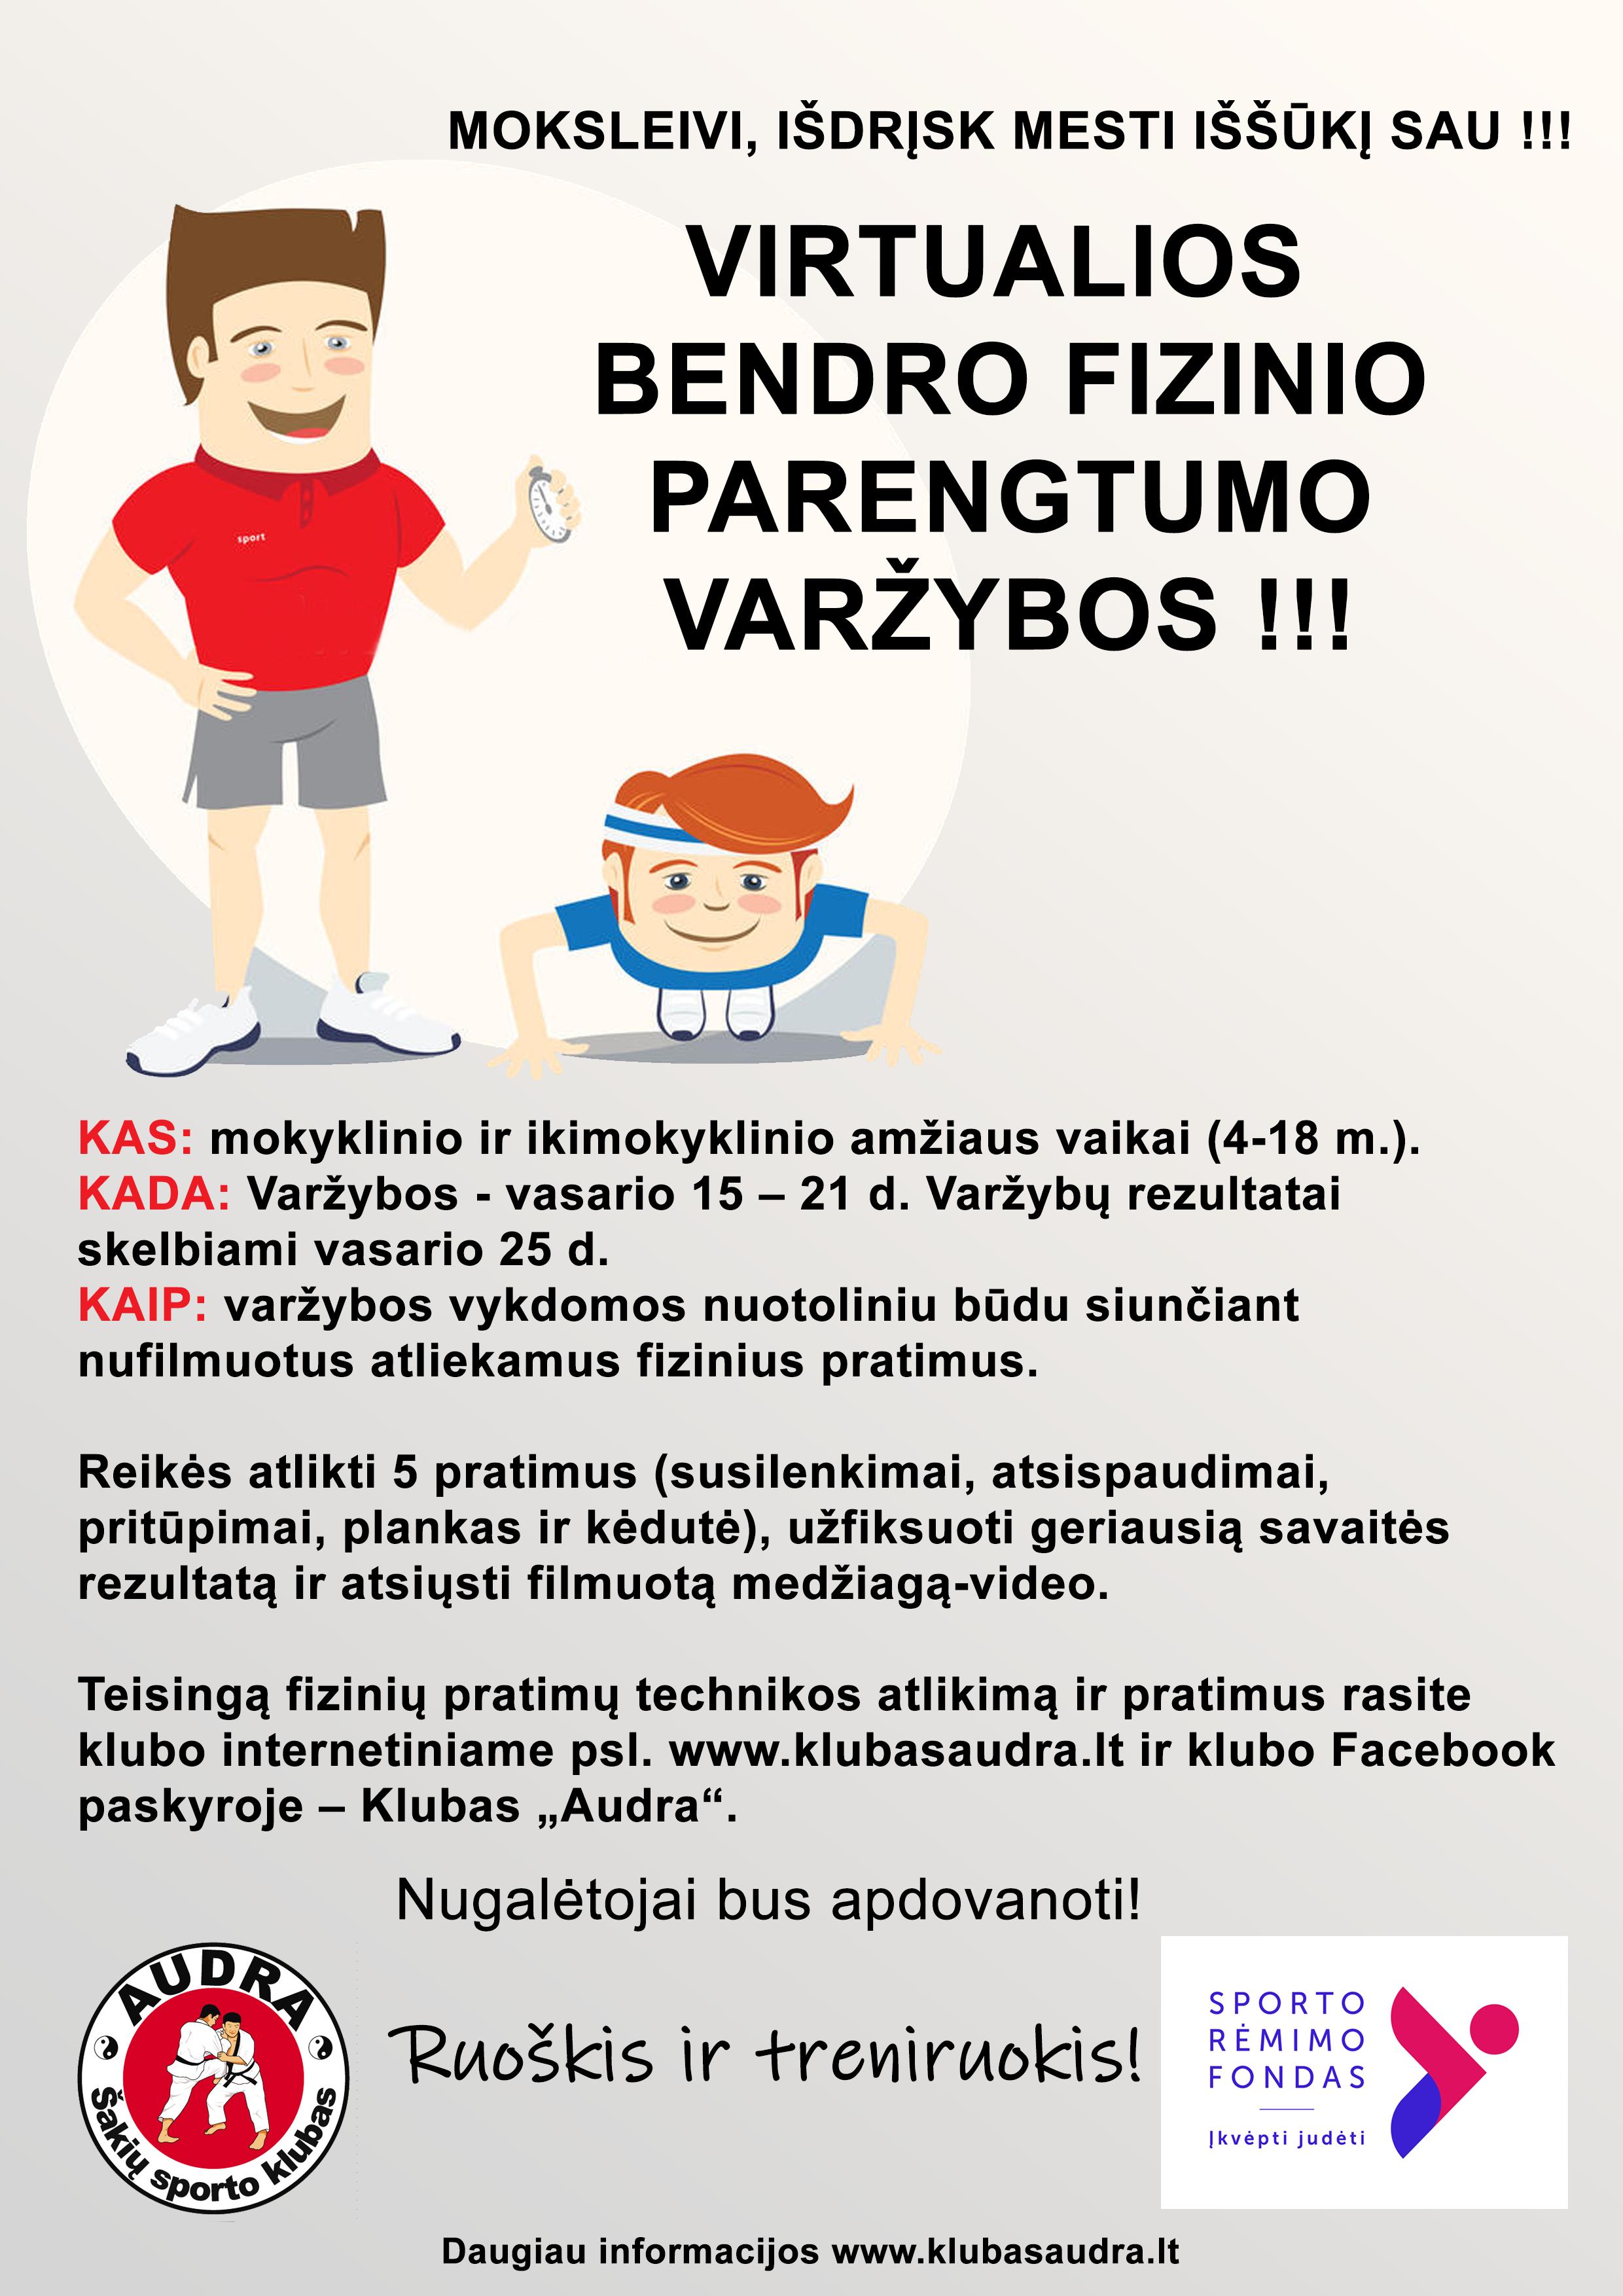 VIRTUALIOS BENDRO FIZINIO PARENGTUMO VARŽYBOS!!!